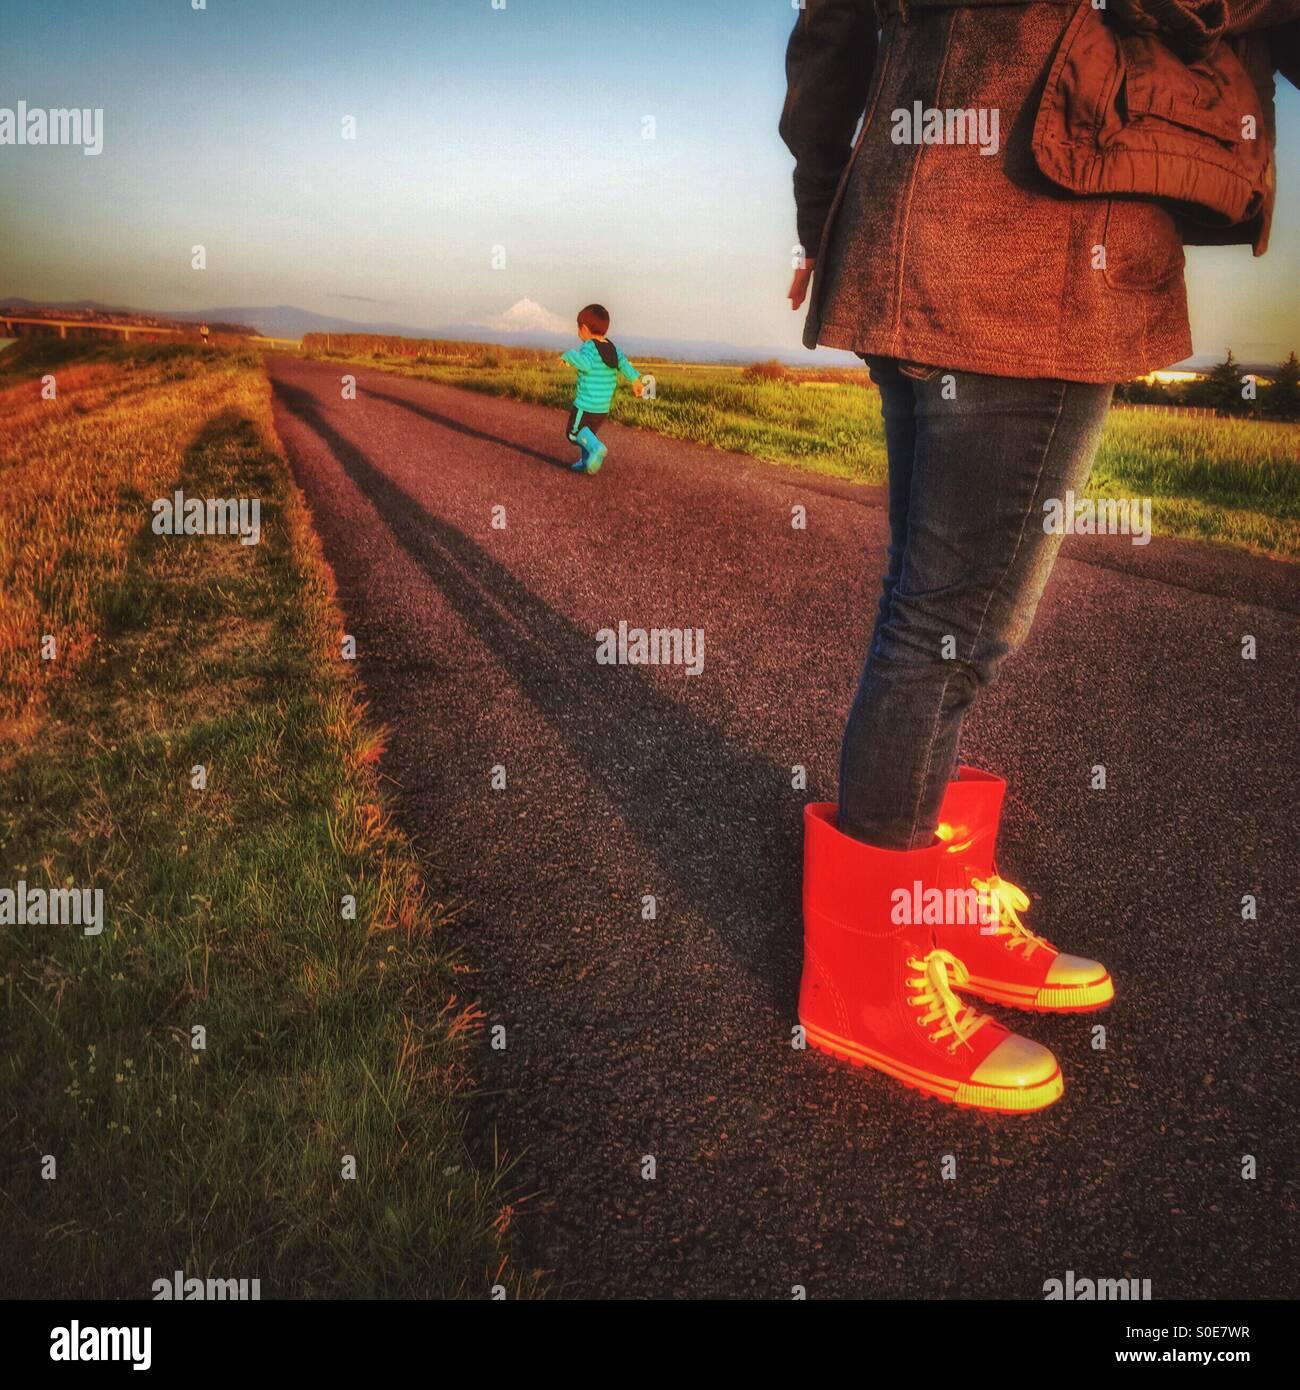 Una mamma indossare stivali rossi orologi mentre il suo bambino corre sul percorso nel tardo pomeriggio. Immagini Stock